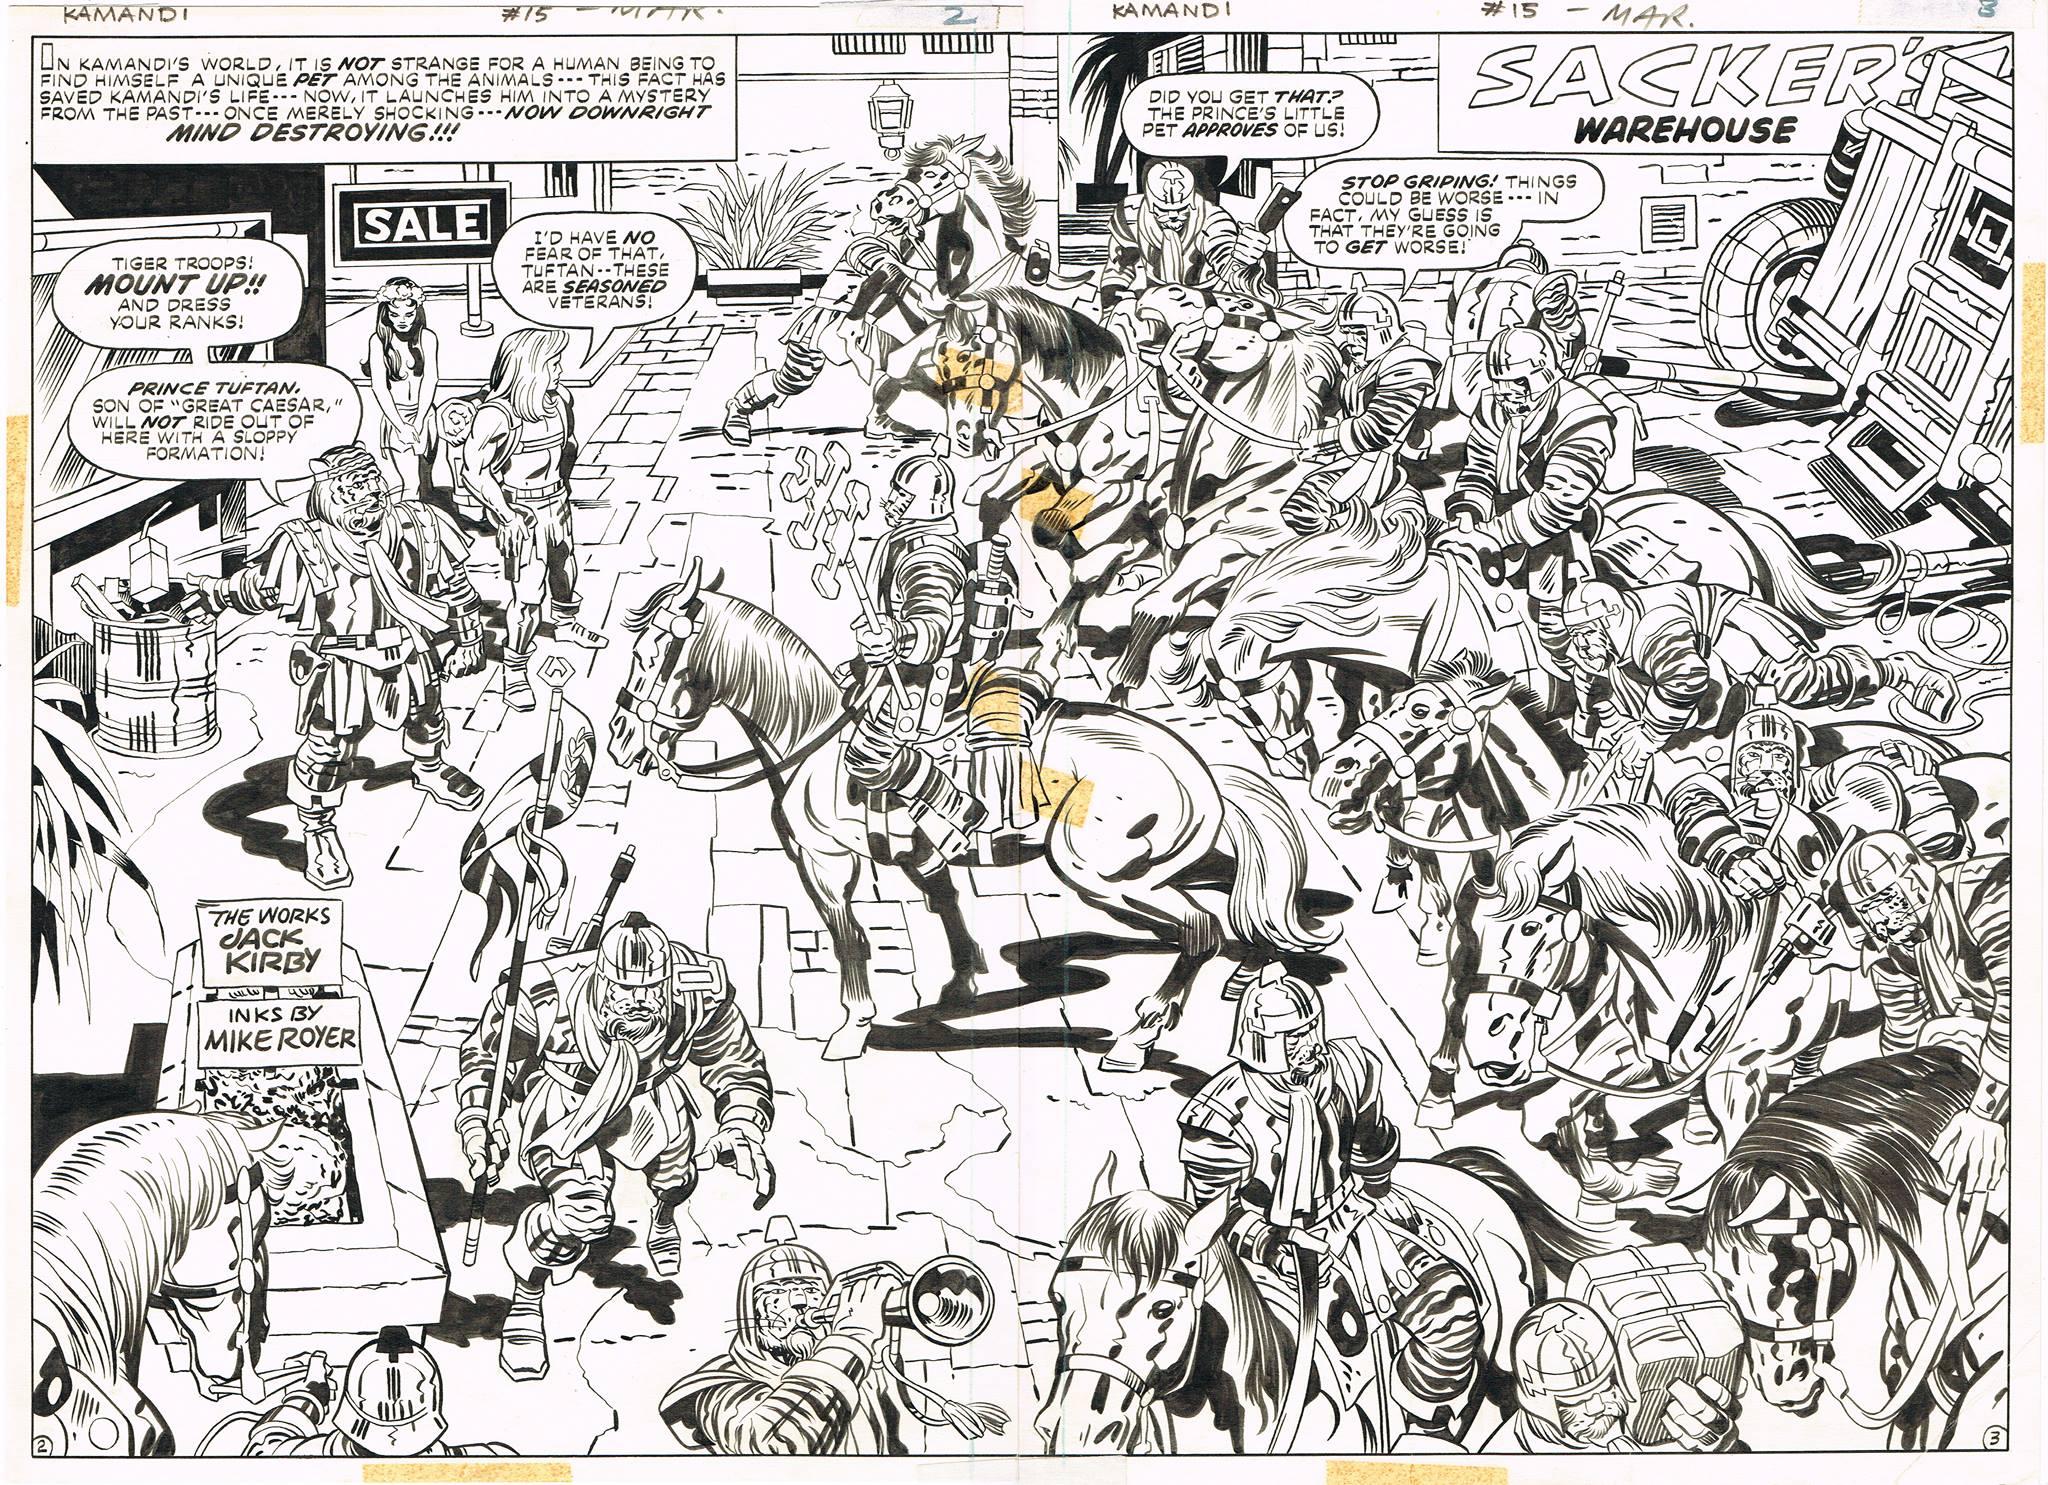 Kamandi (1972) #15 Pg2-3, original art penciled by Jack Kirby & inked by Mike Royer.